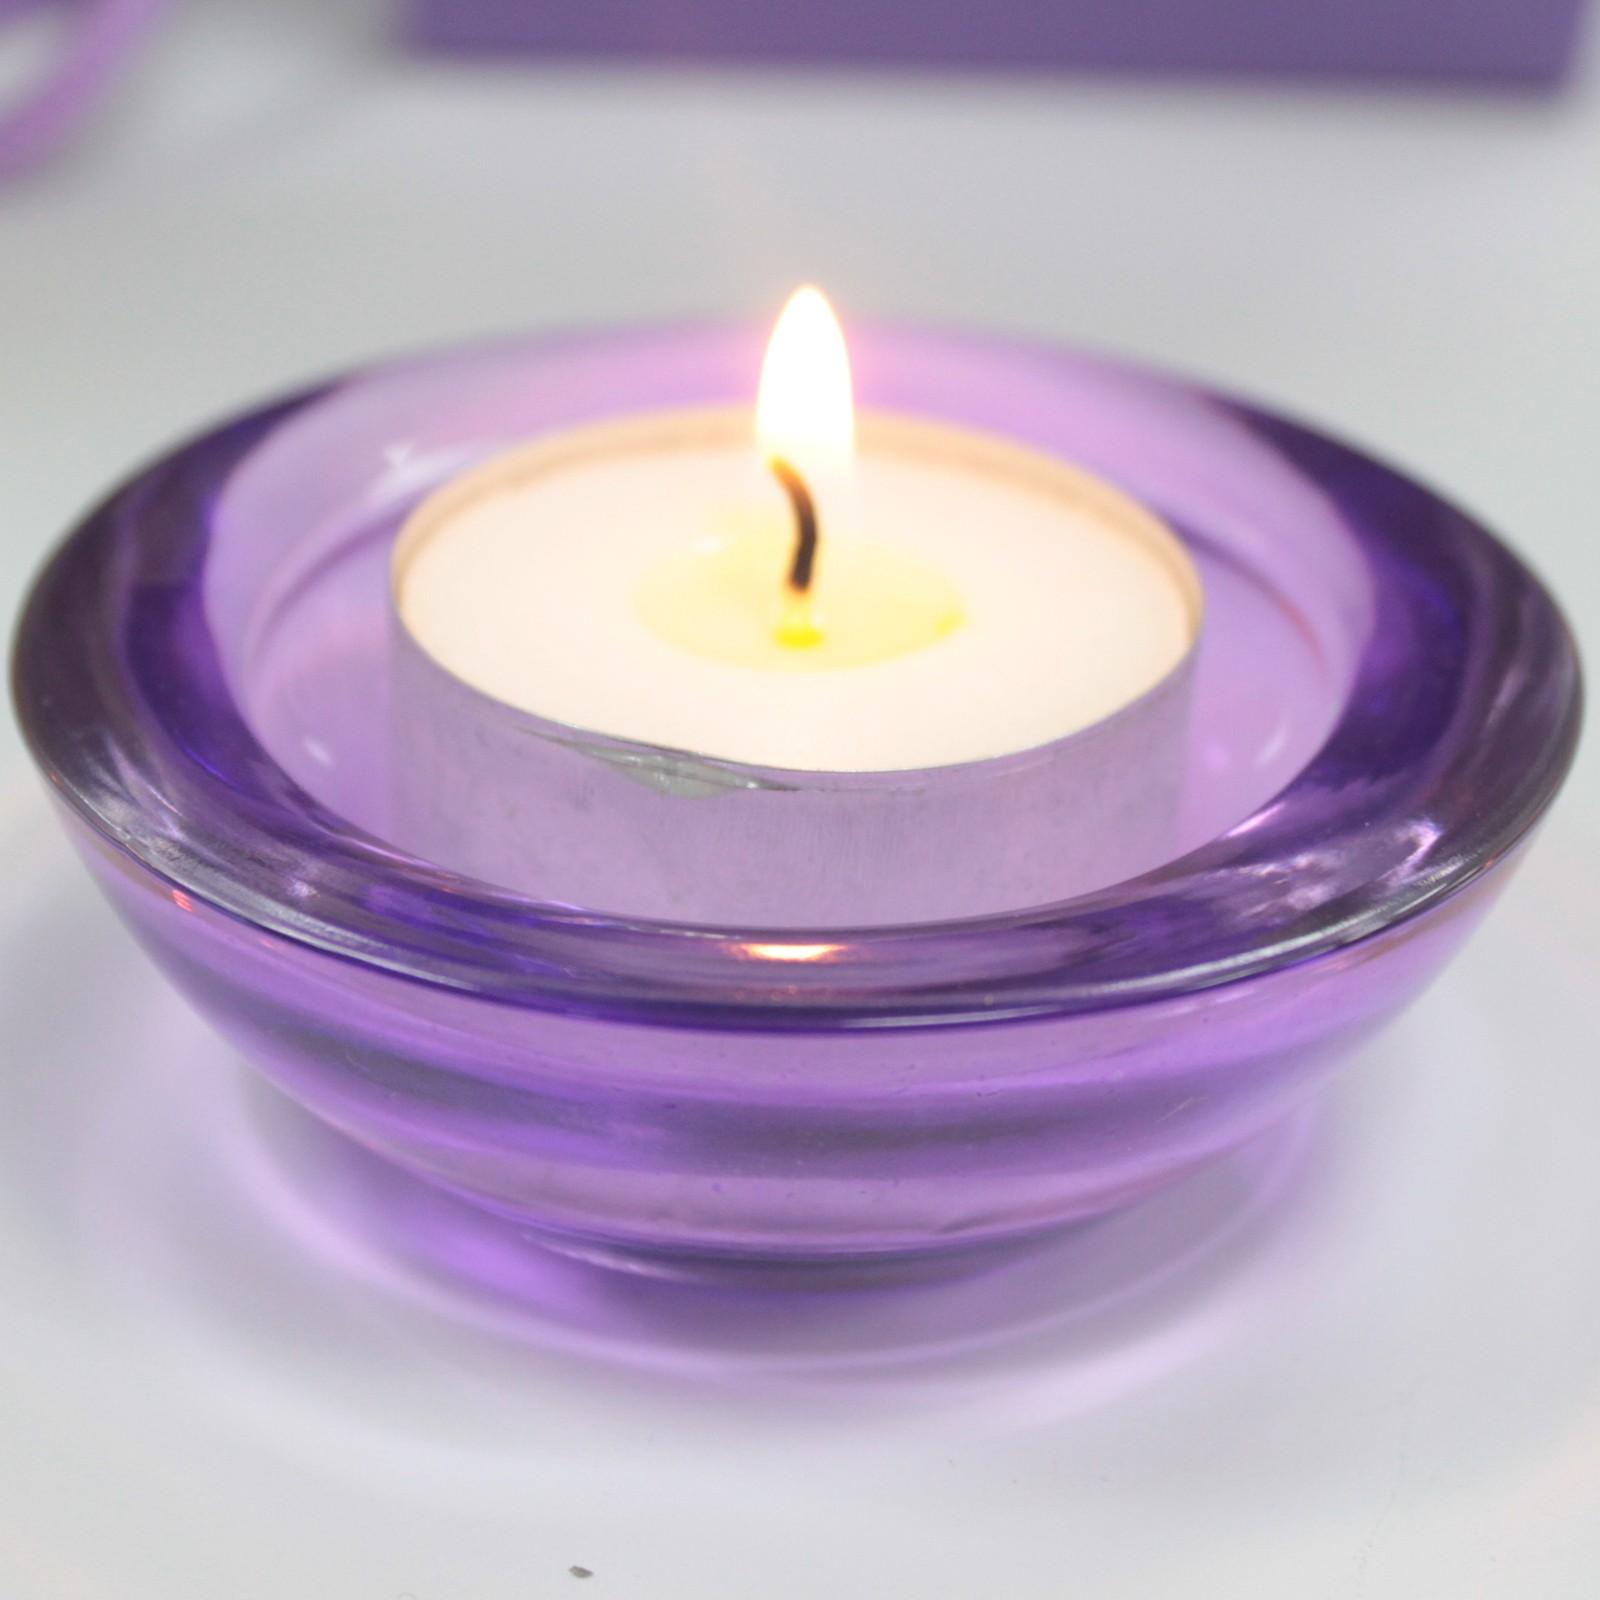 MAUR.cz Skleněný svícen na čajovou svíčku purpurová barva